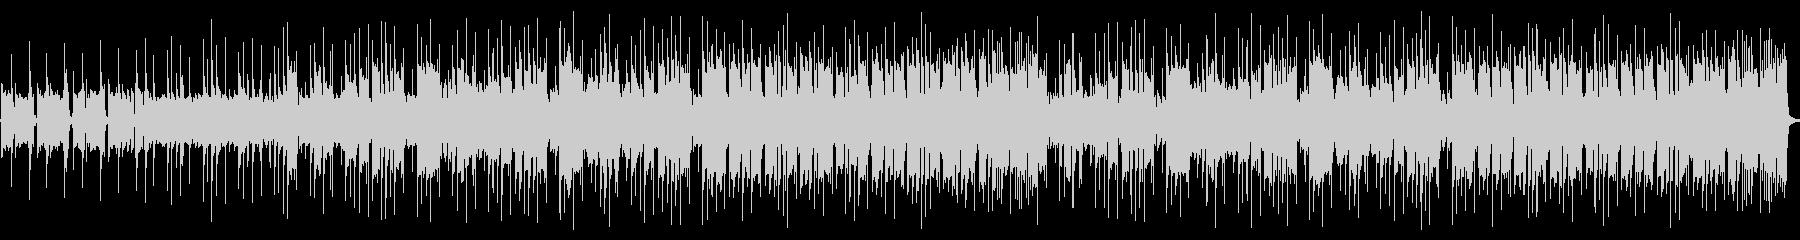 レイドバックとトランペットのレクイエム調の未再生の波形